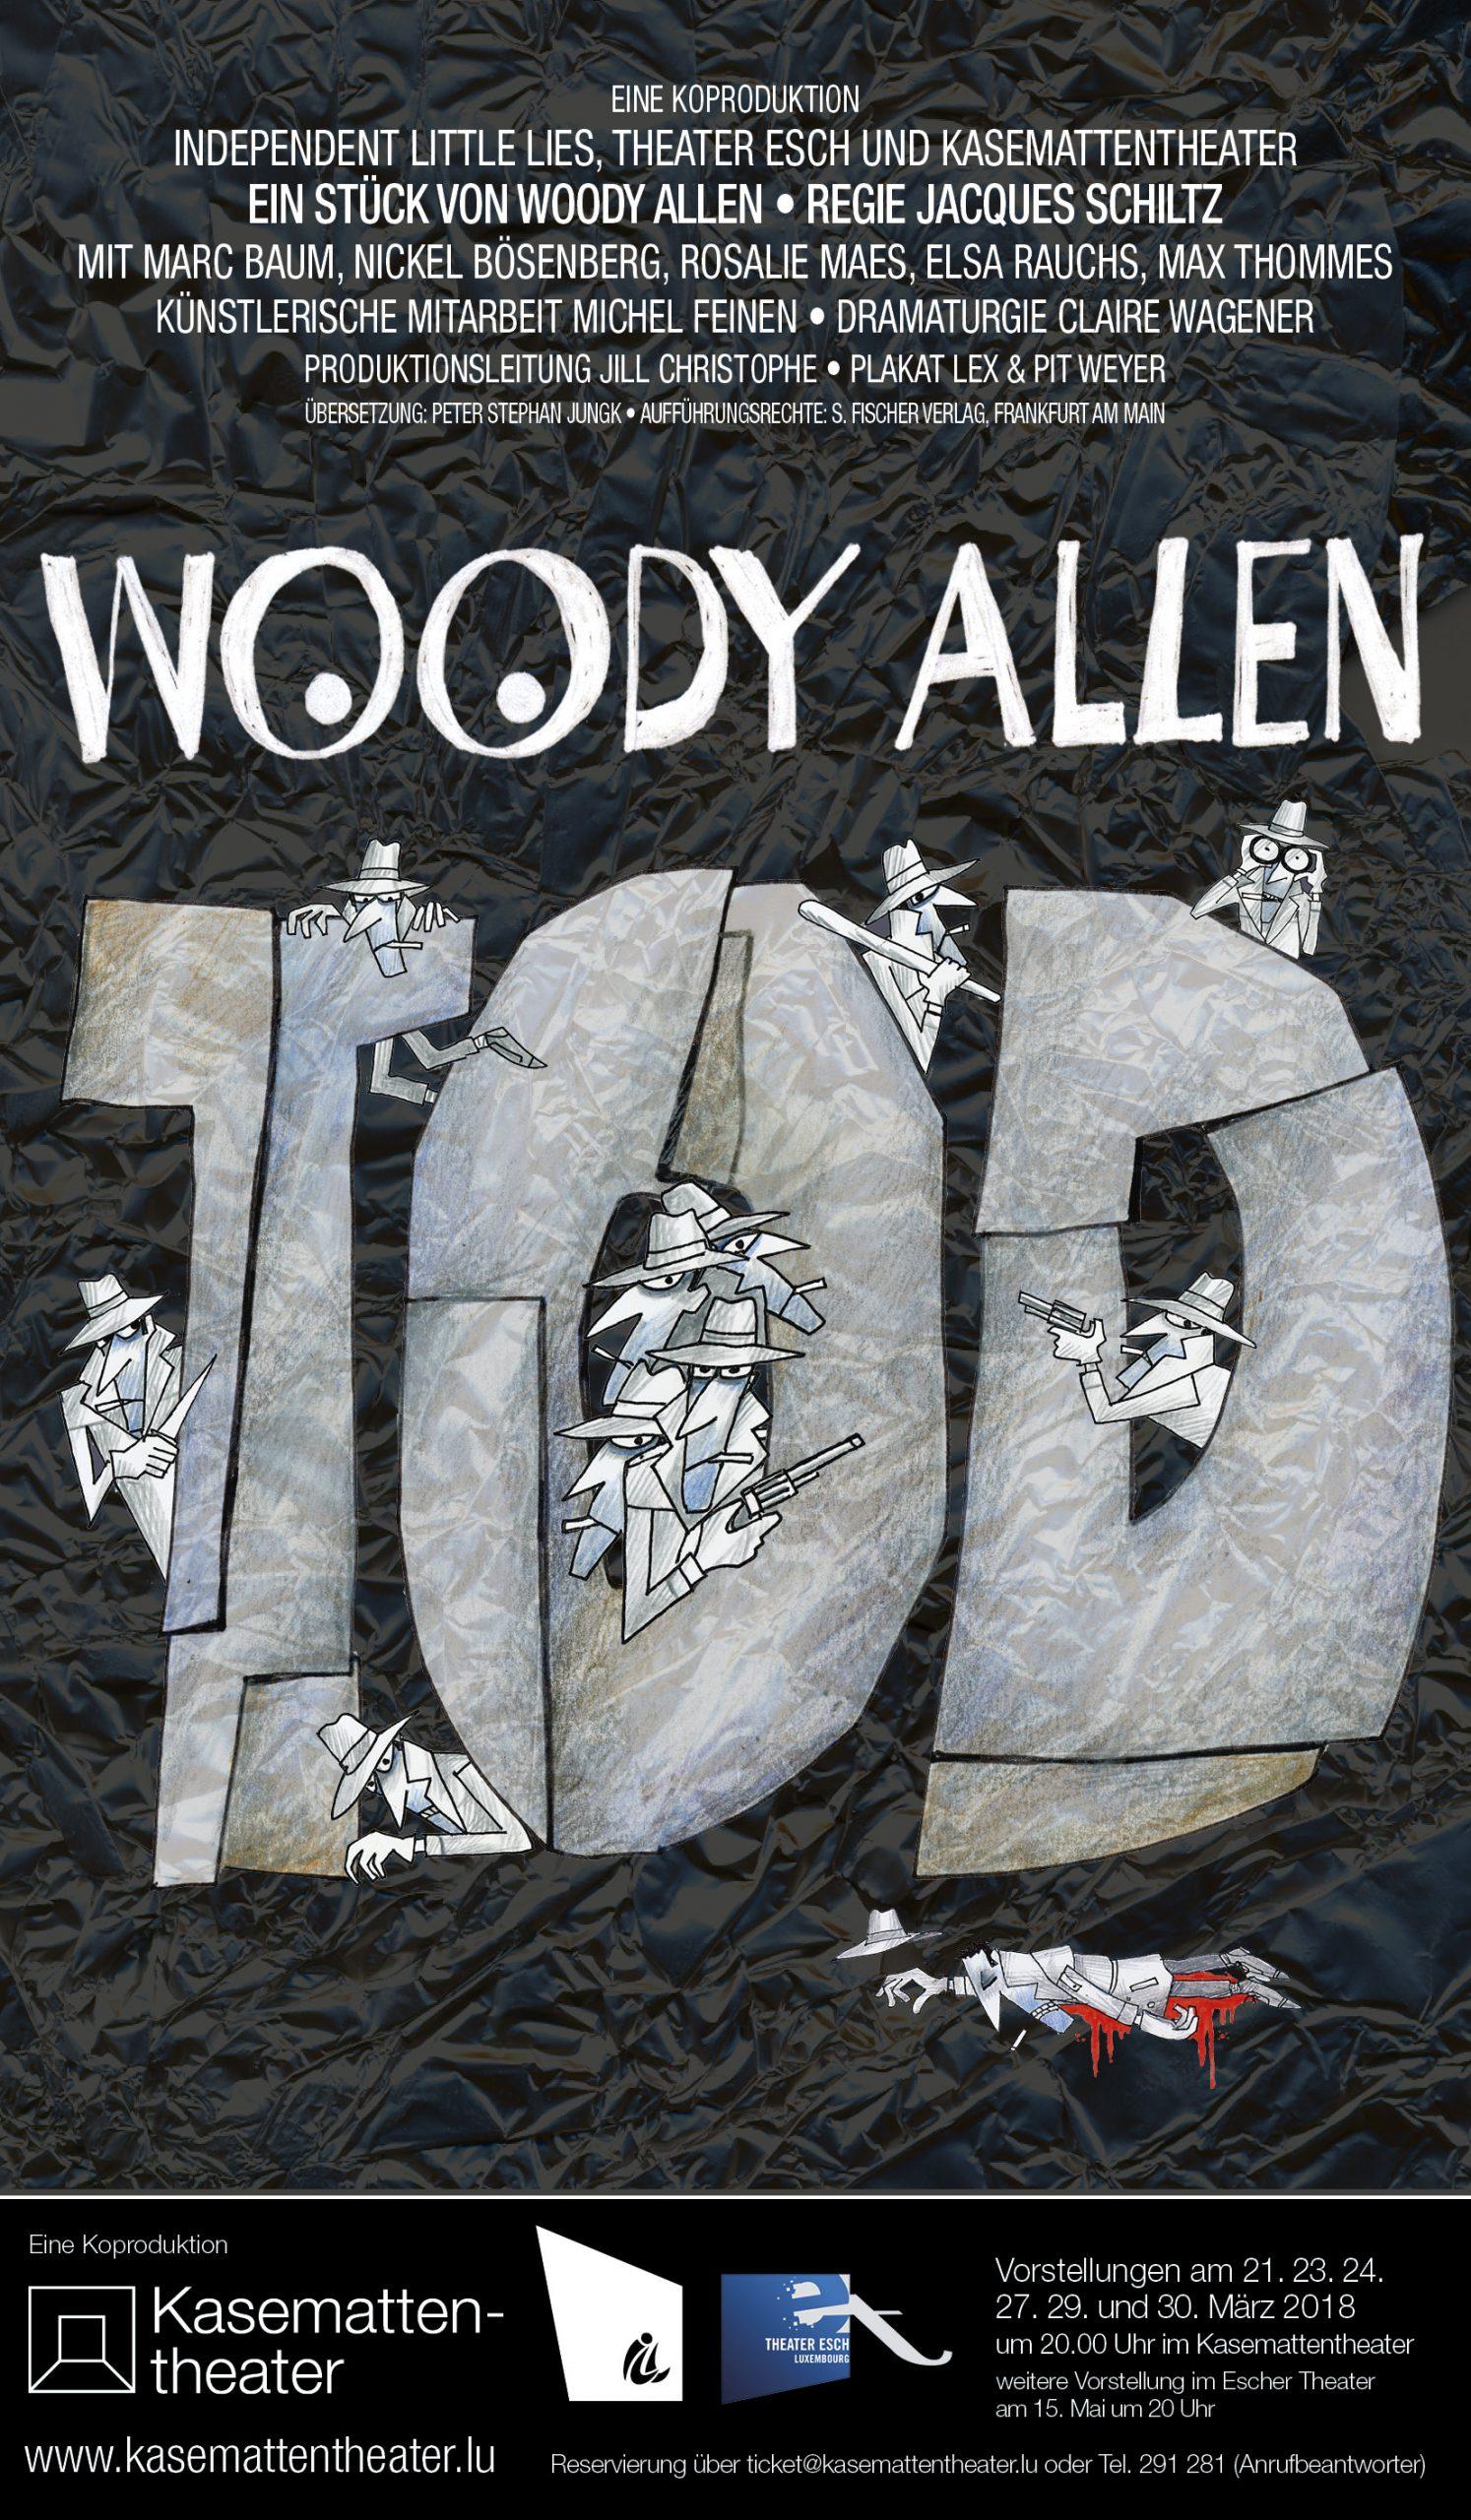 2018 Affiche TOD von Woody Allen Kasemattentheater 2017